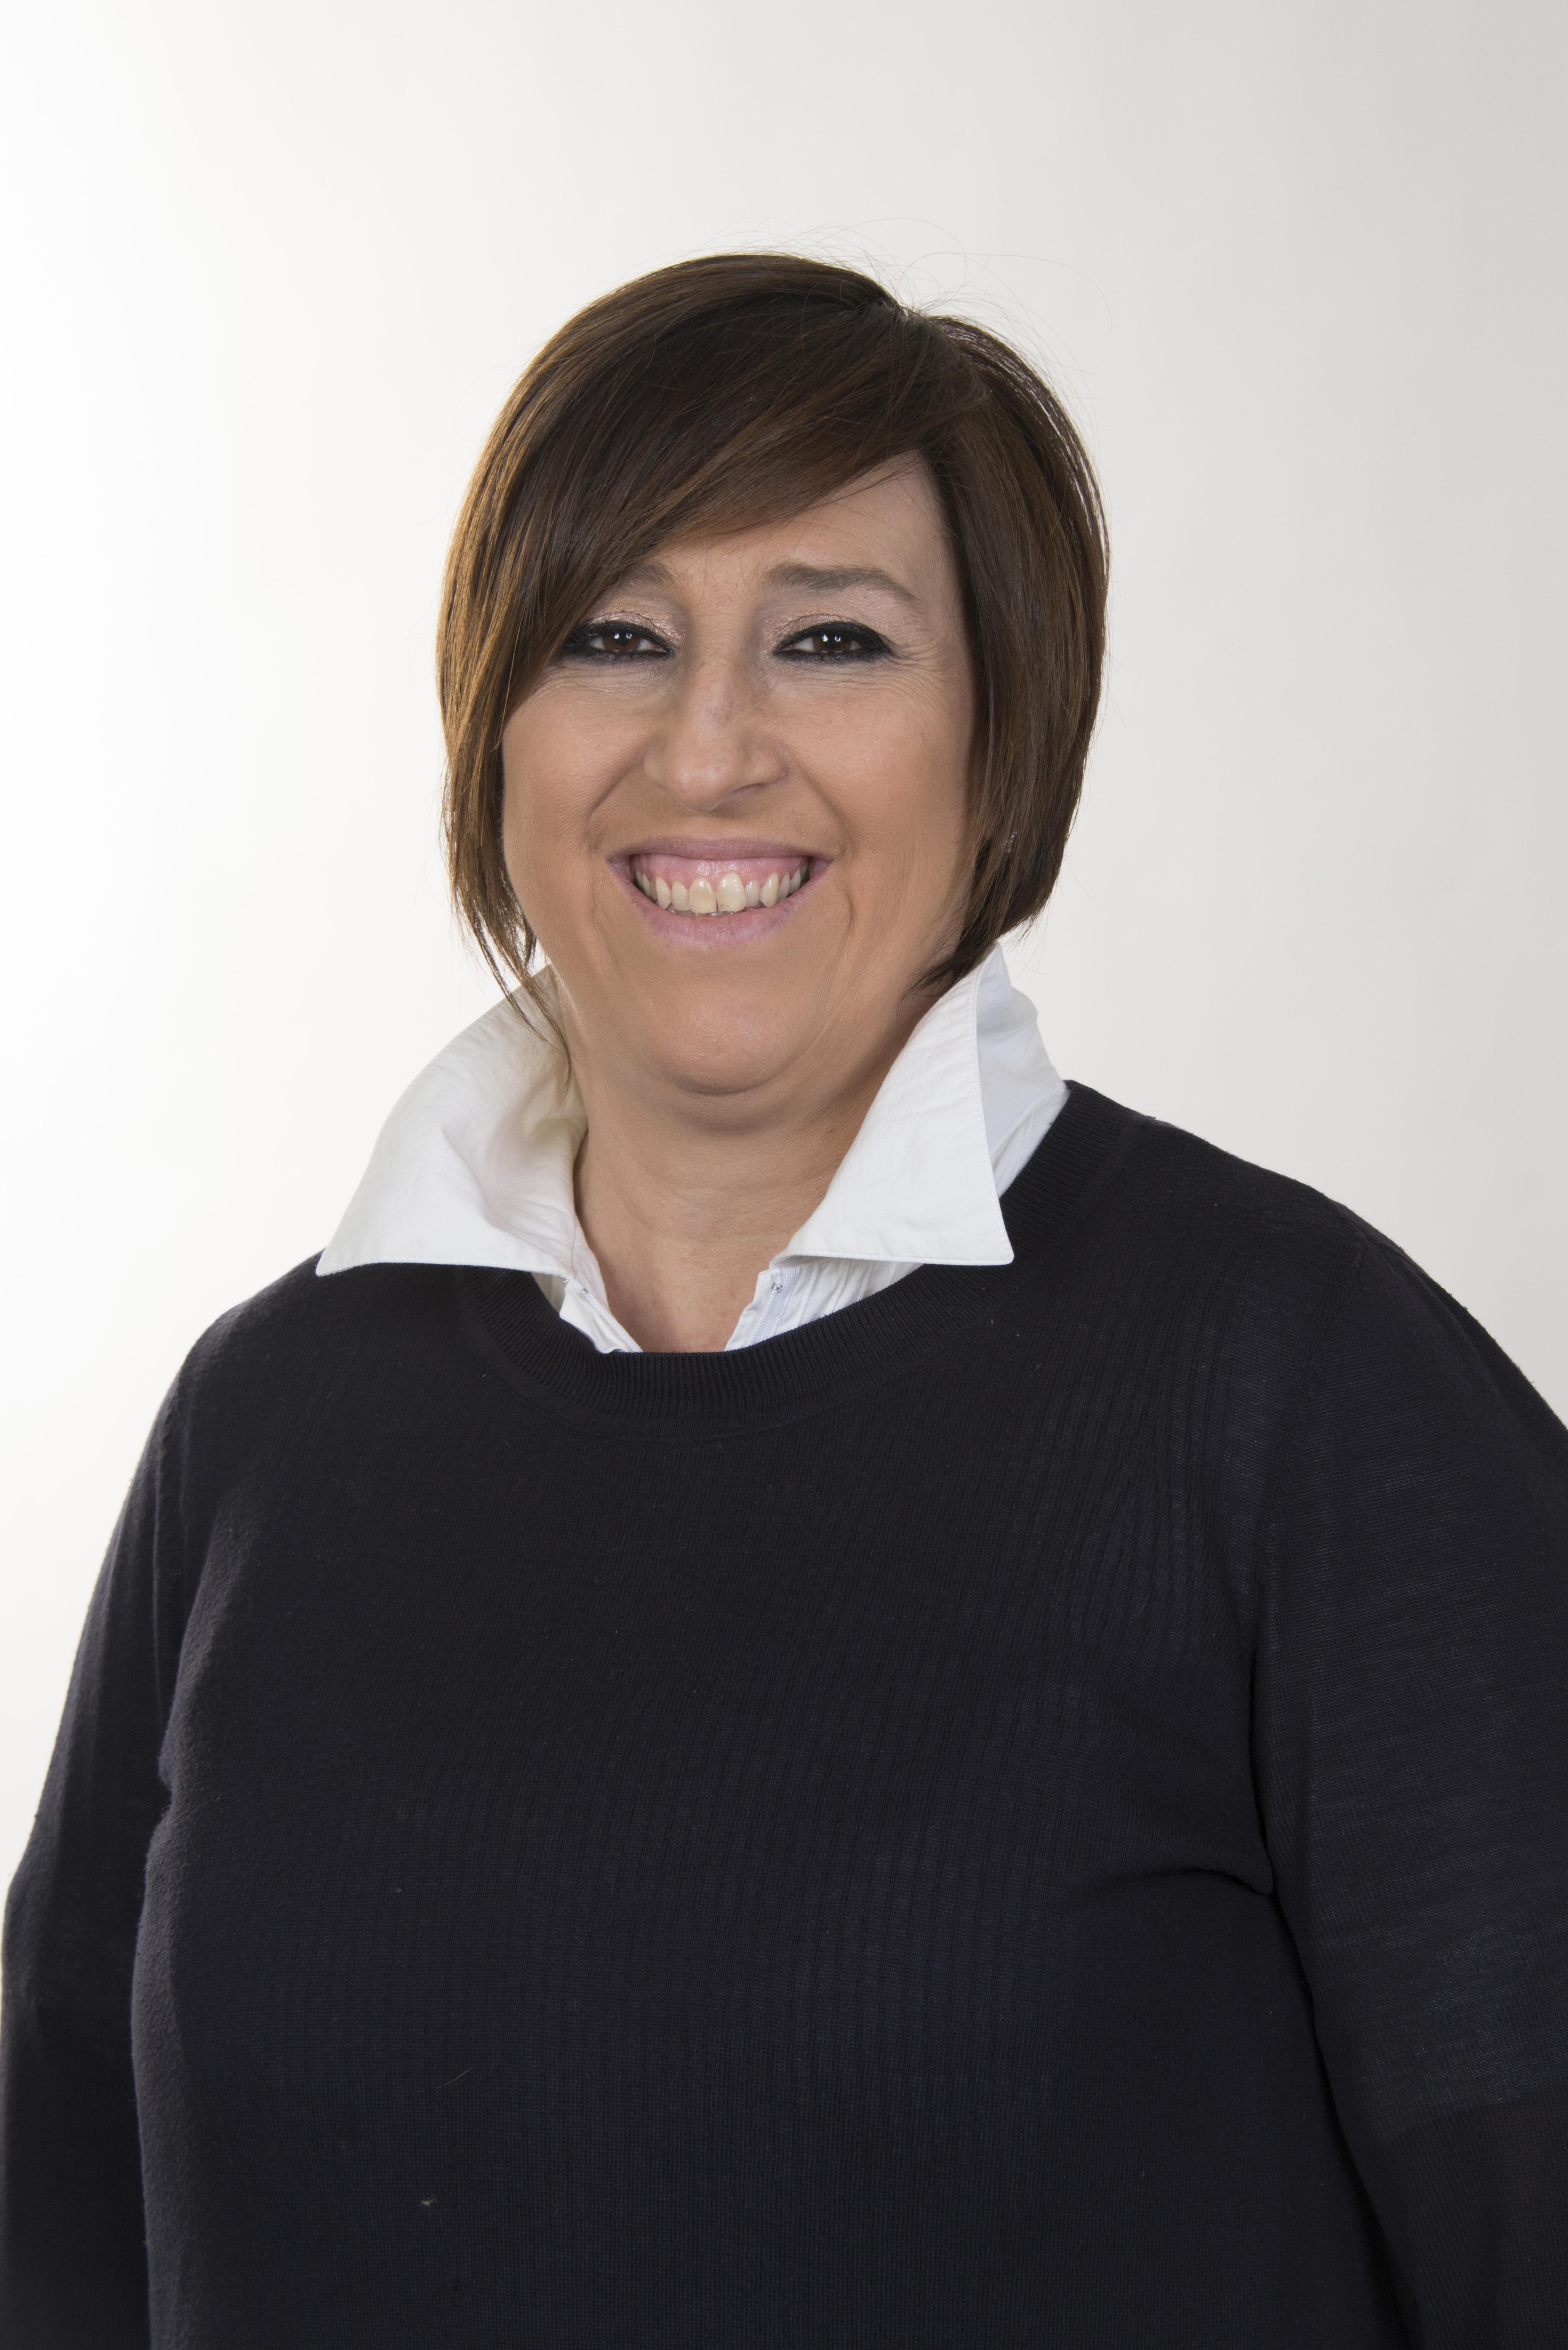 Carolina Saccone